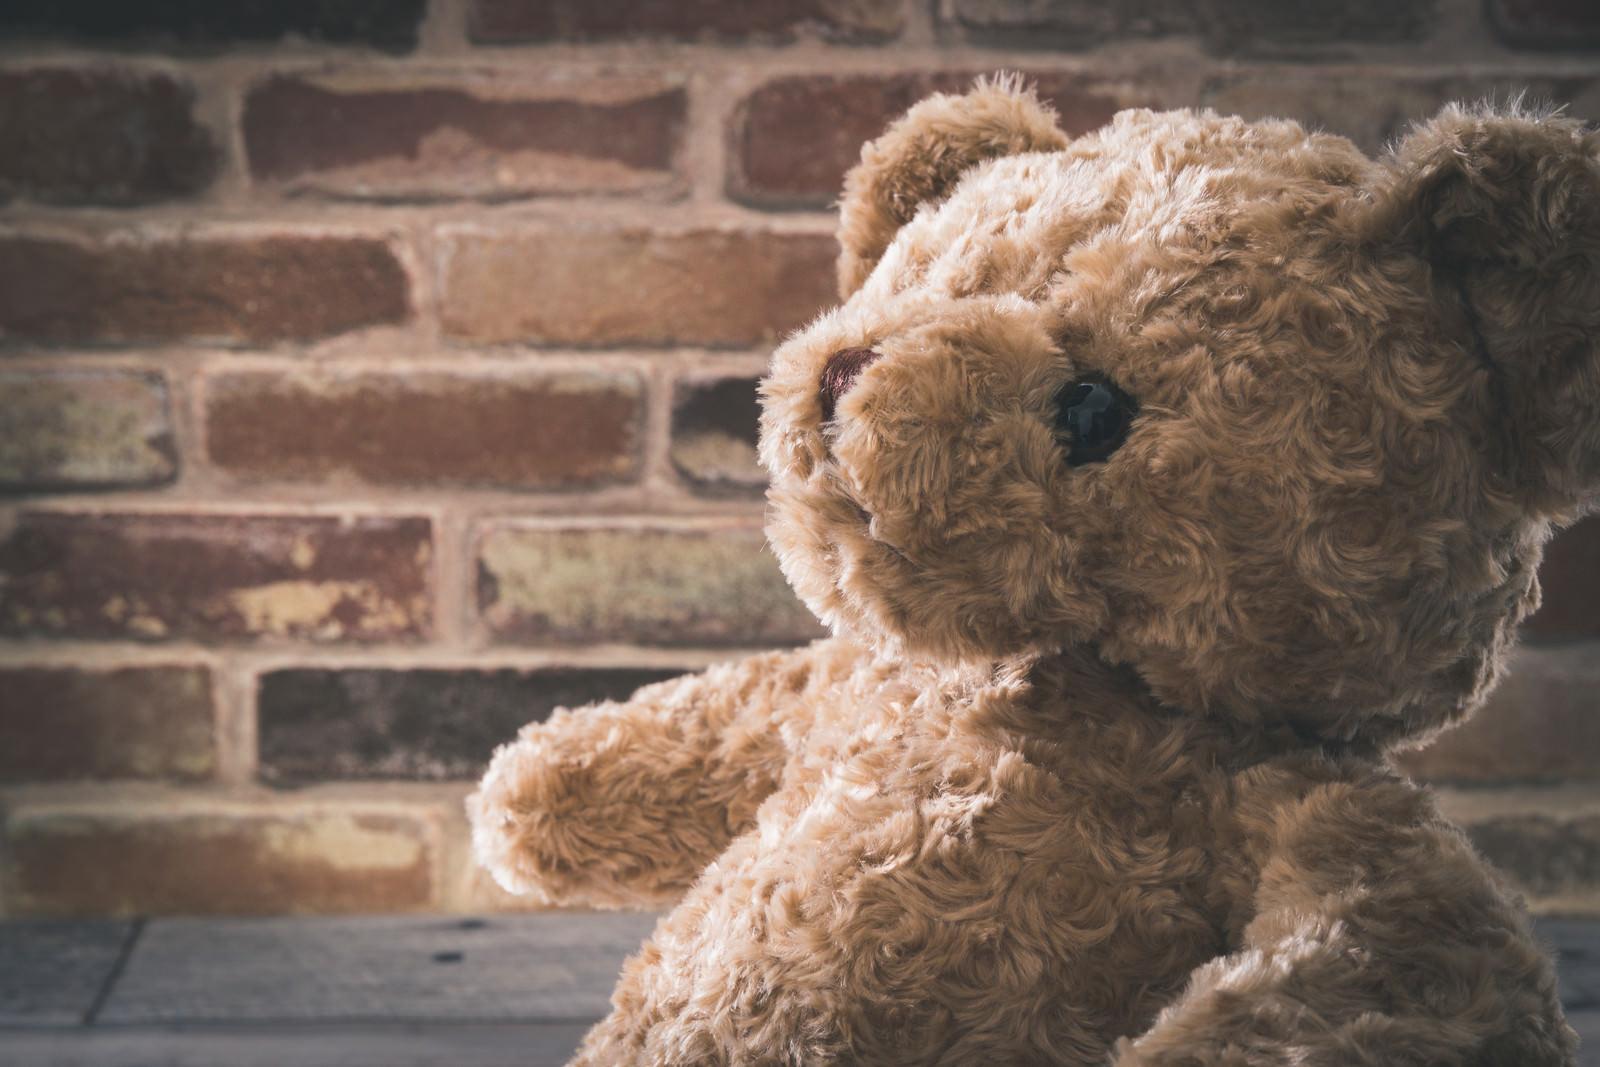 「シリアスな熊のぬいぐるみ」の写真